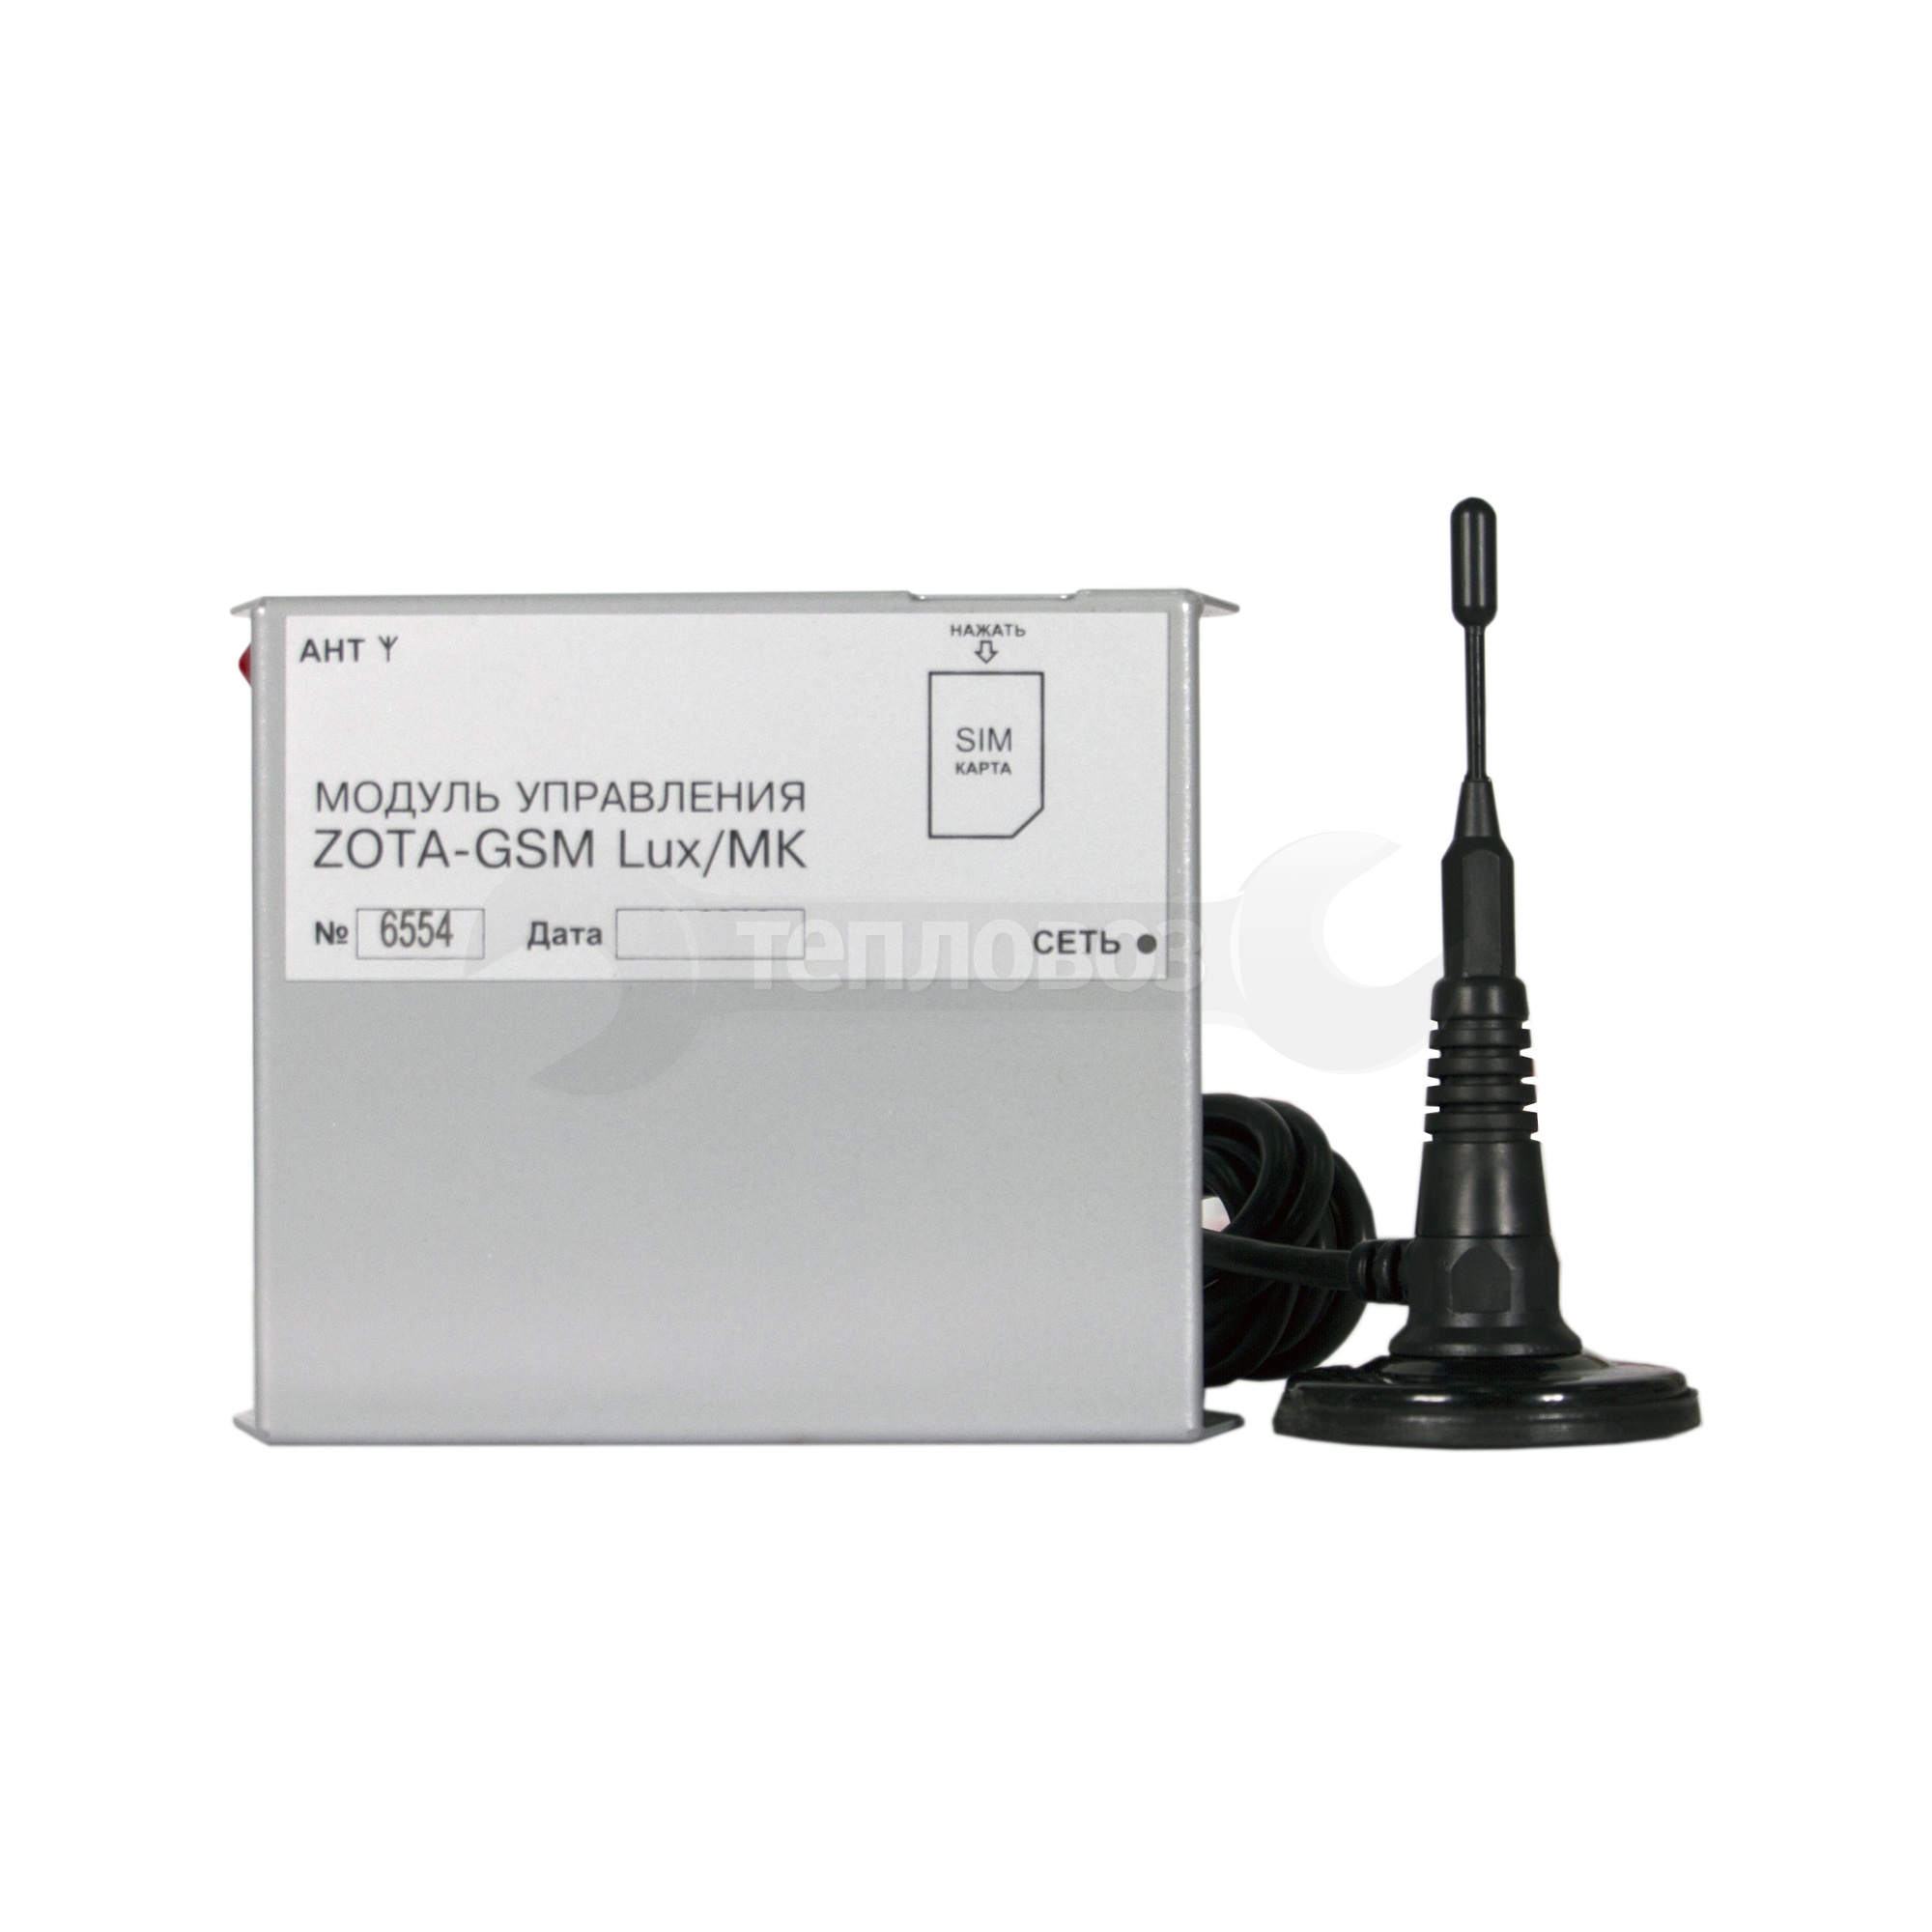 Zota GSM LUX/MK